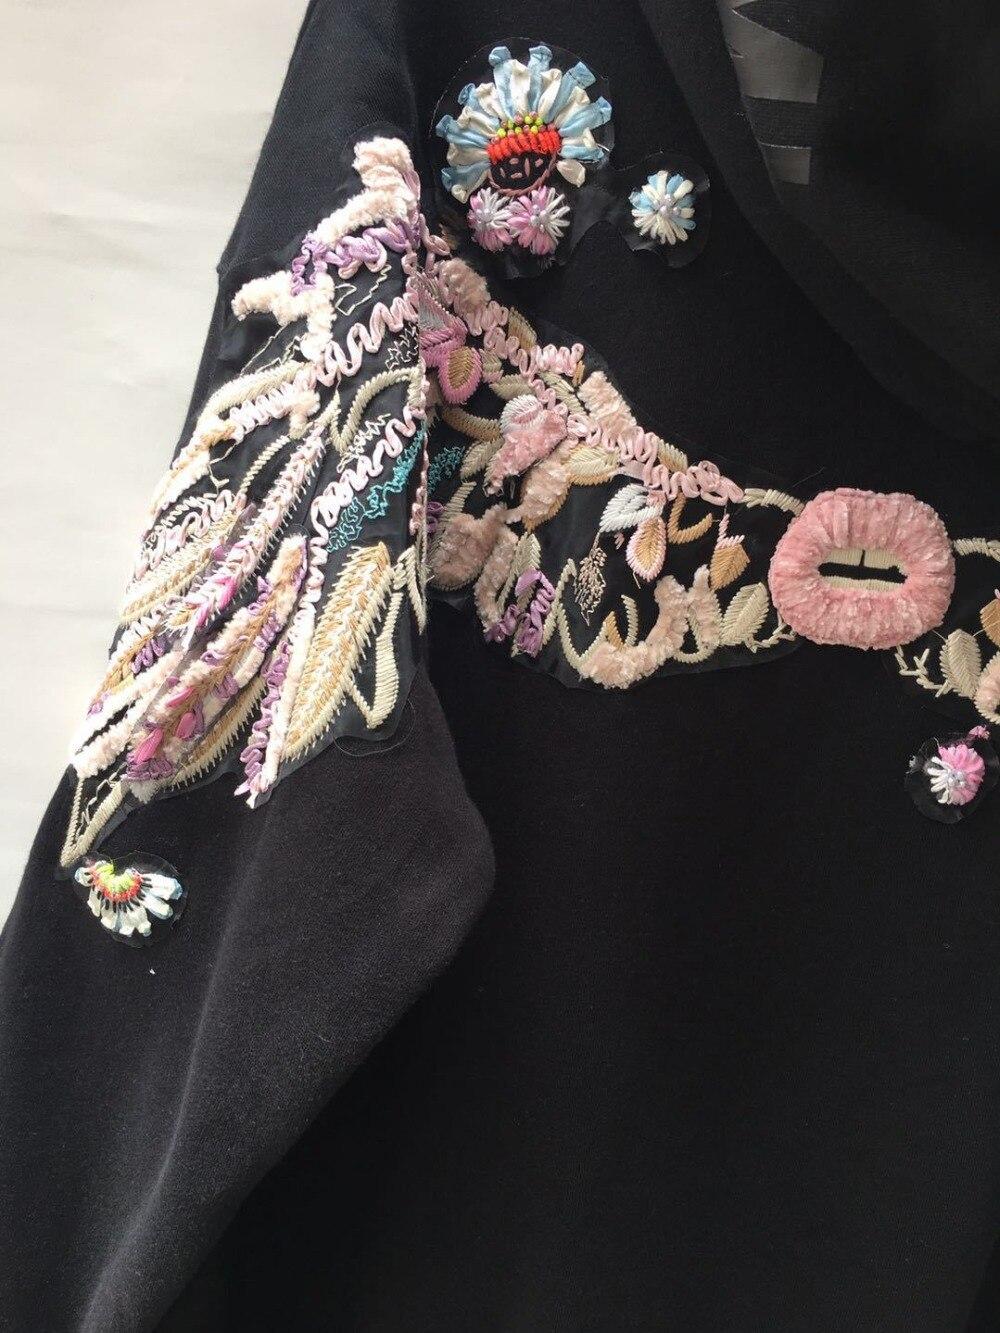 100% хлопок хорошее качество Вышивка Пуловеры Топы женские с длинным рукавом Повседневный стиль толстовки Весна Новые модные брендовые пальто gx1674 - 6